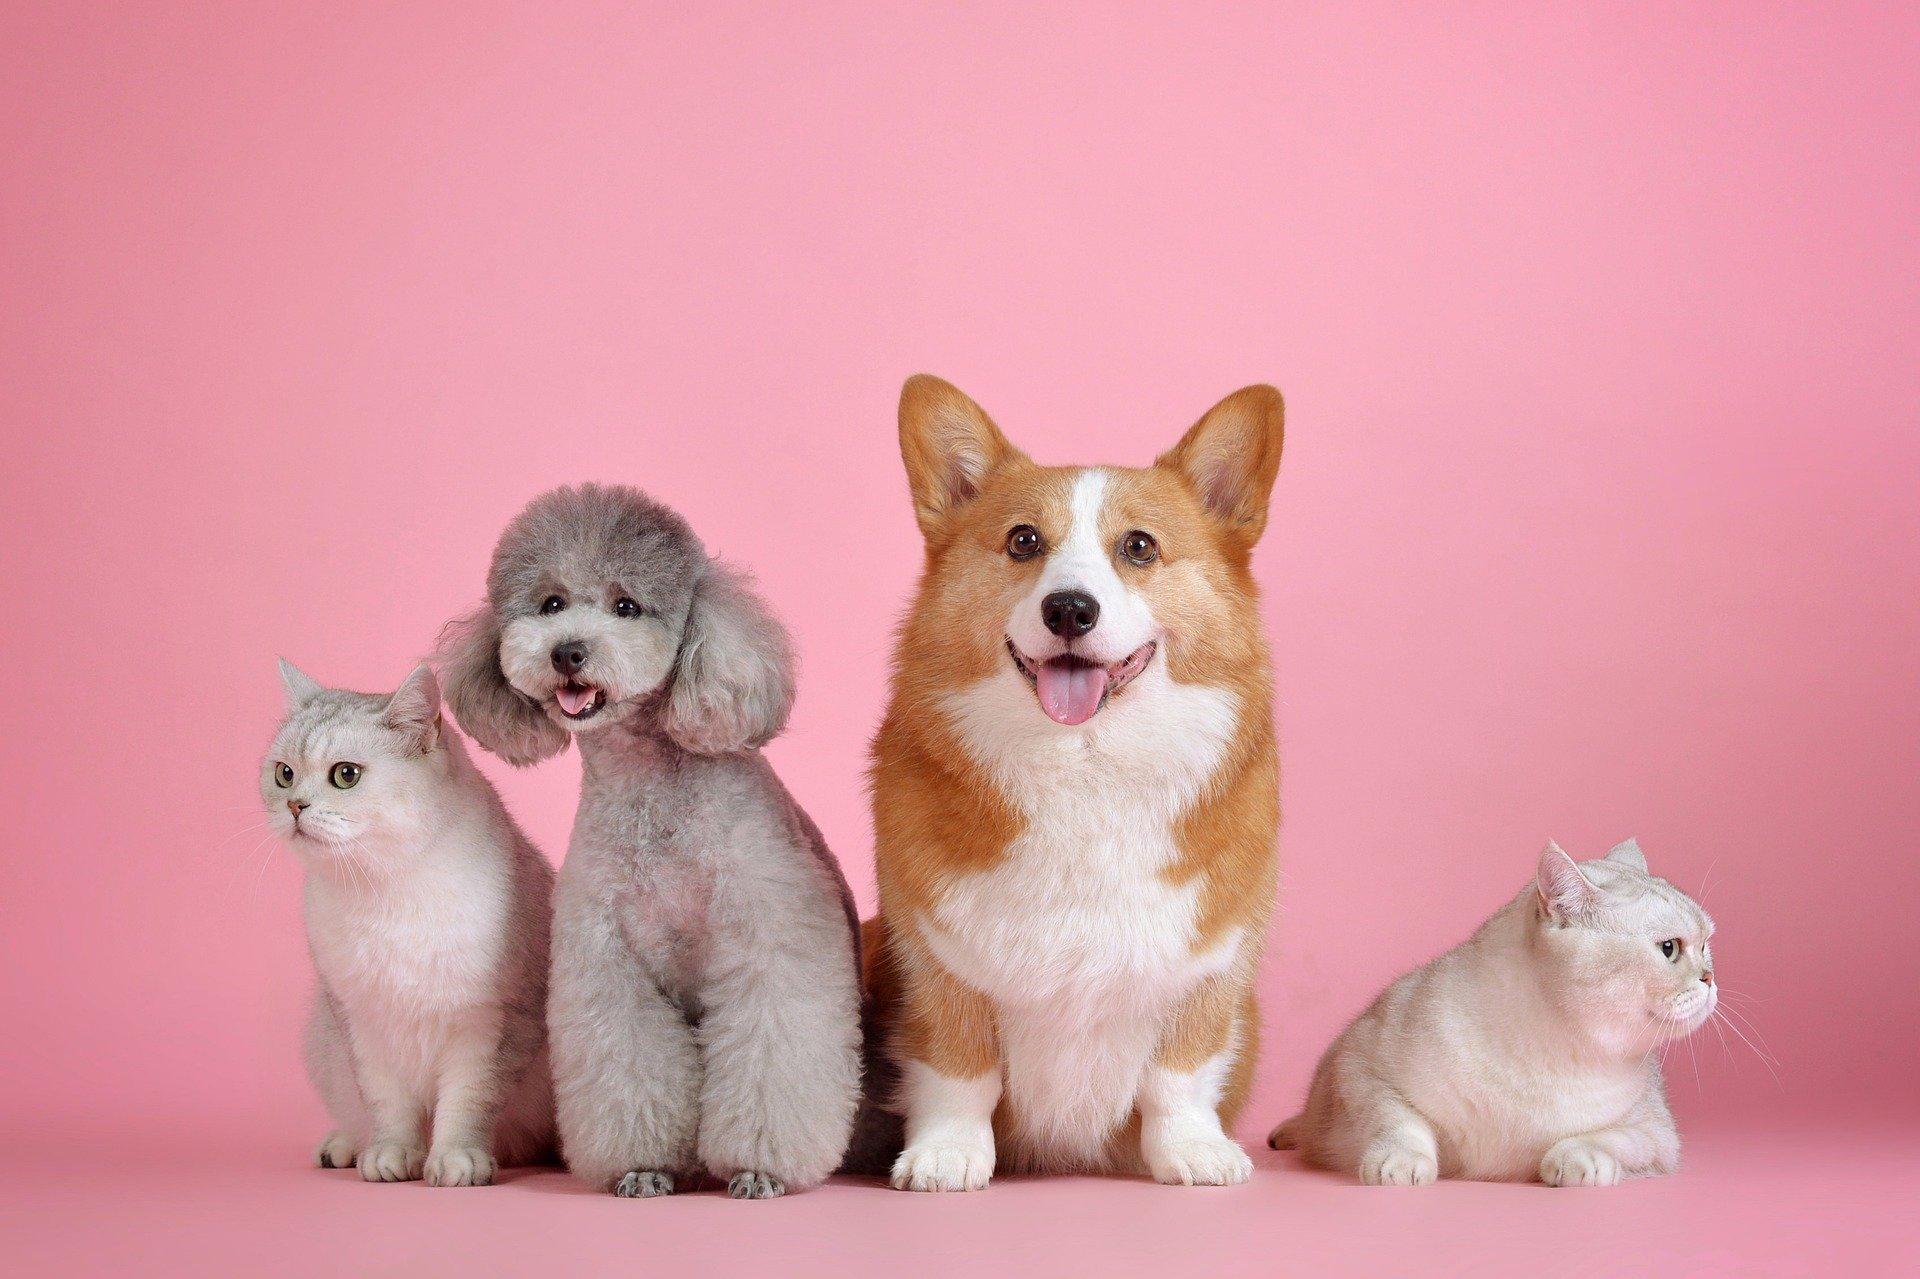 BBVA anunció el lanzamiento de un seguro para mascotas